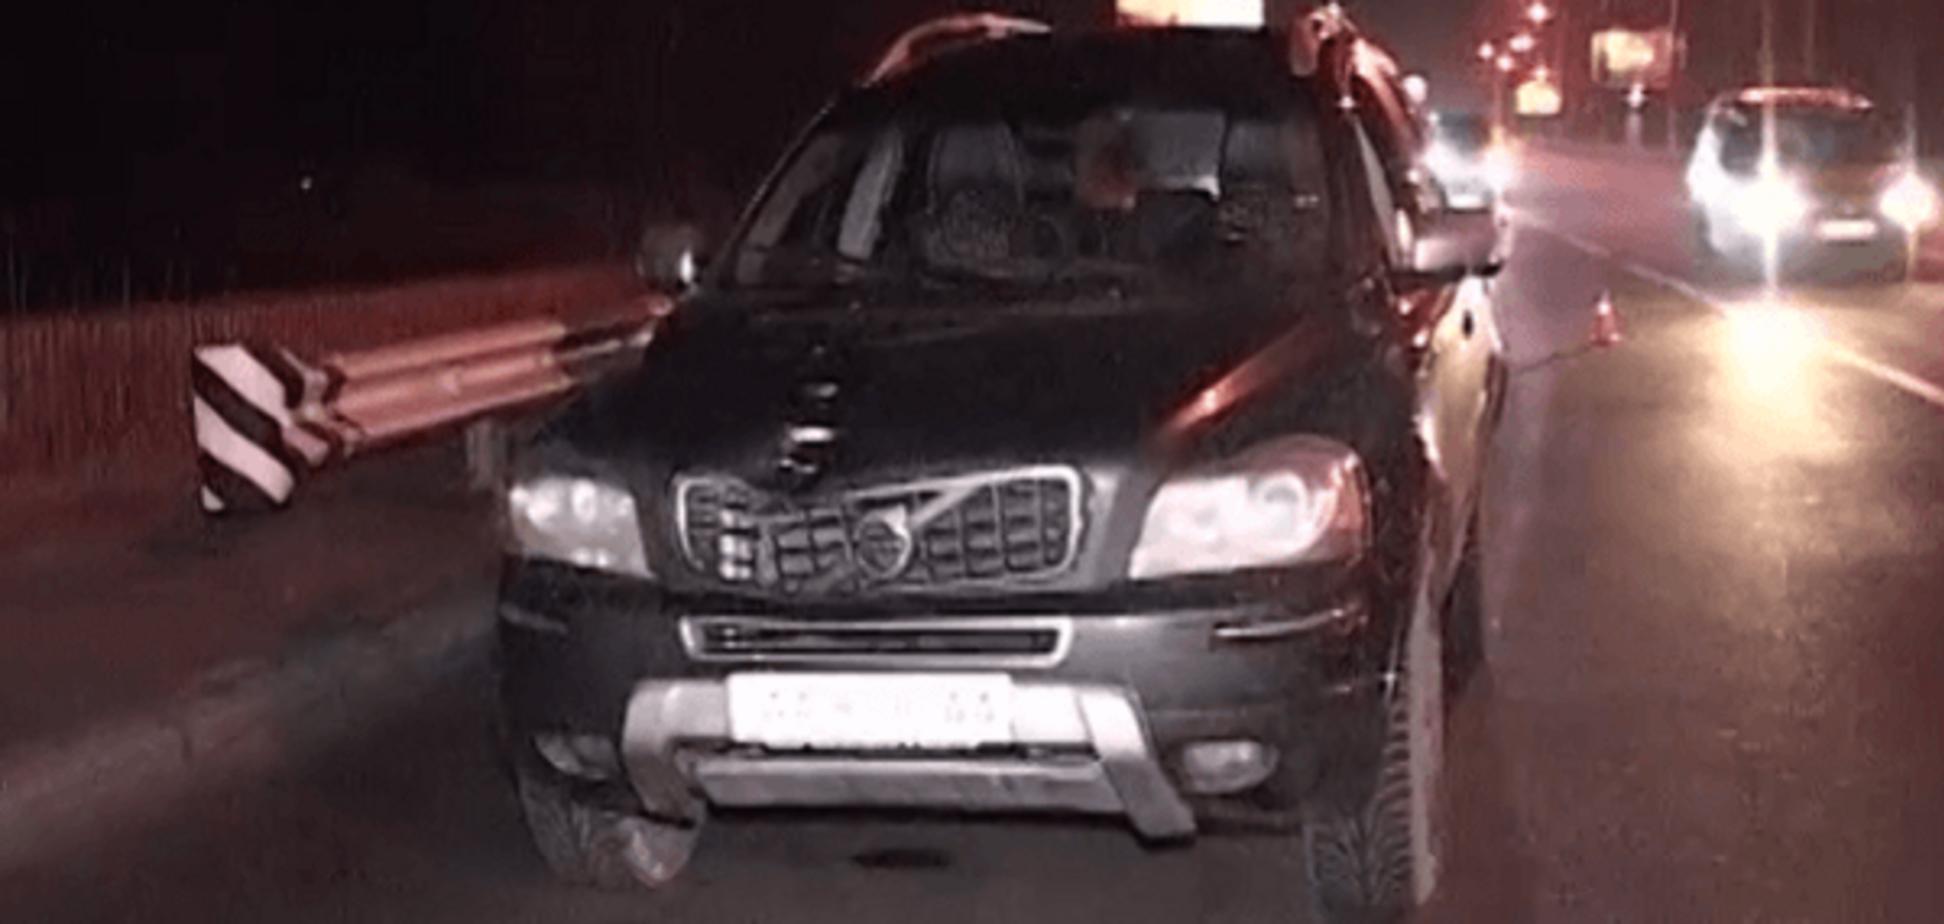 VIP-авария в Киеве: водителю Омельченко доплатили еще $10 000 за молчание - источник